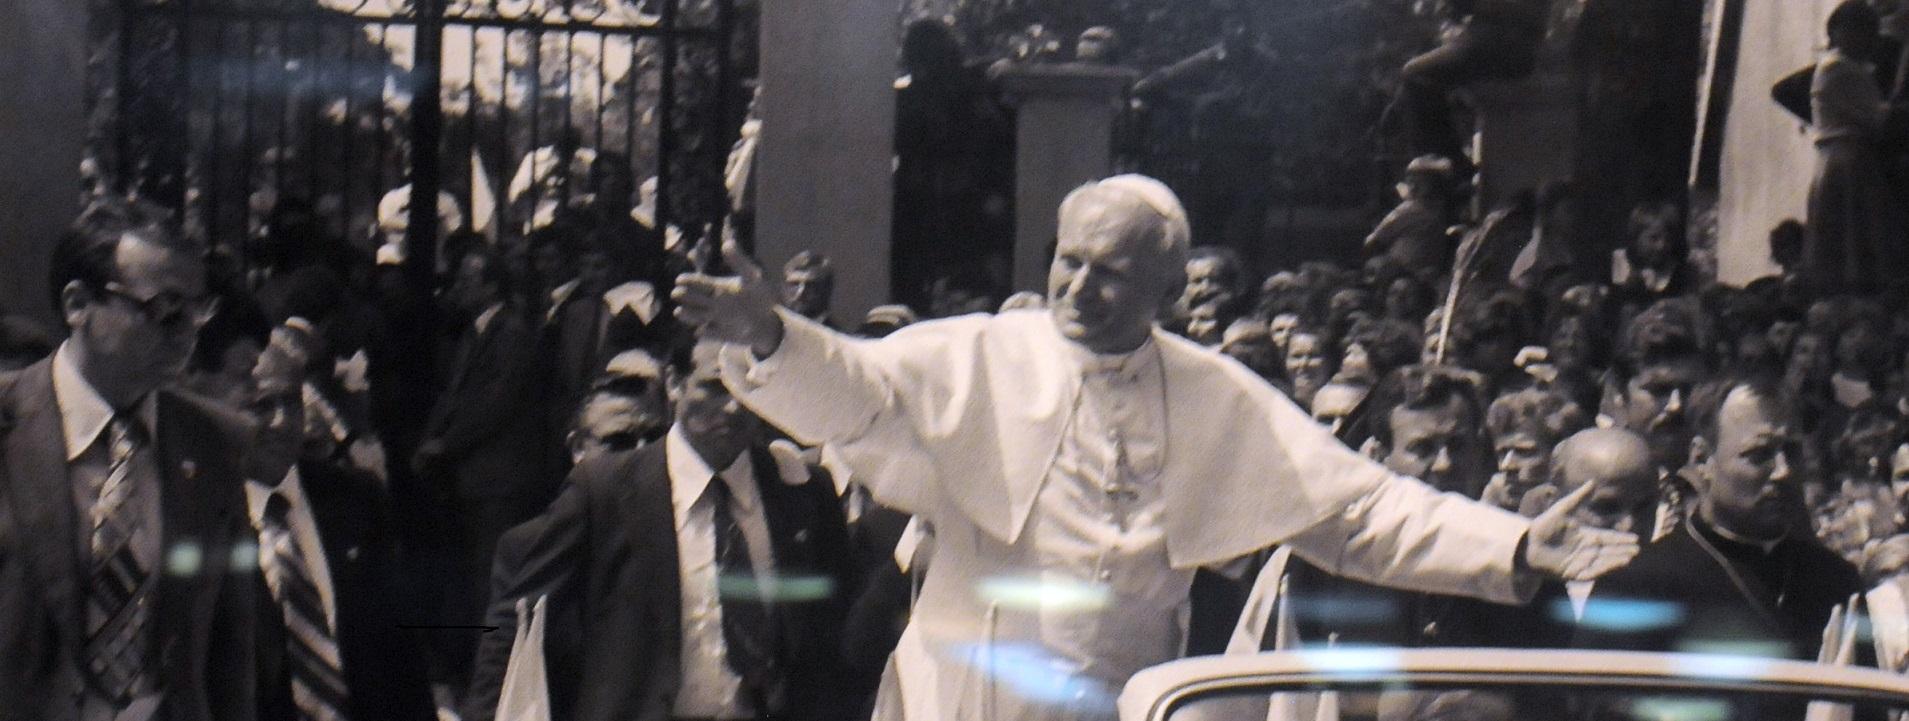 Dziś Dzień Papieski. W kościołach przypominane jest nauczanie świętego Jana Pawła II